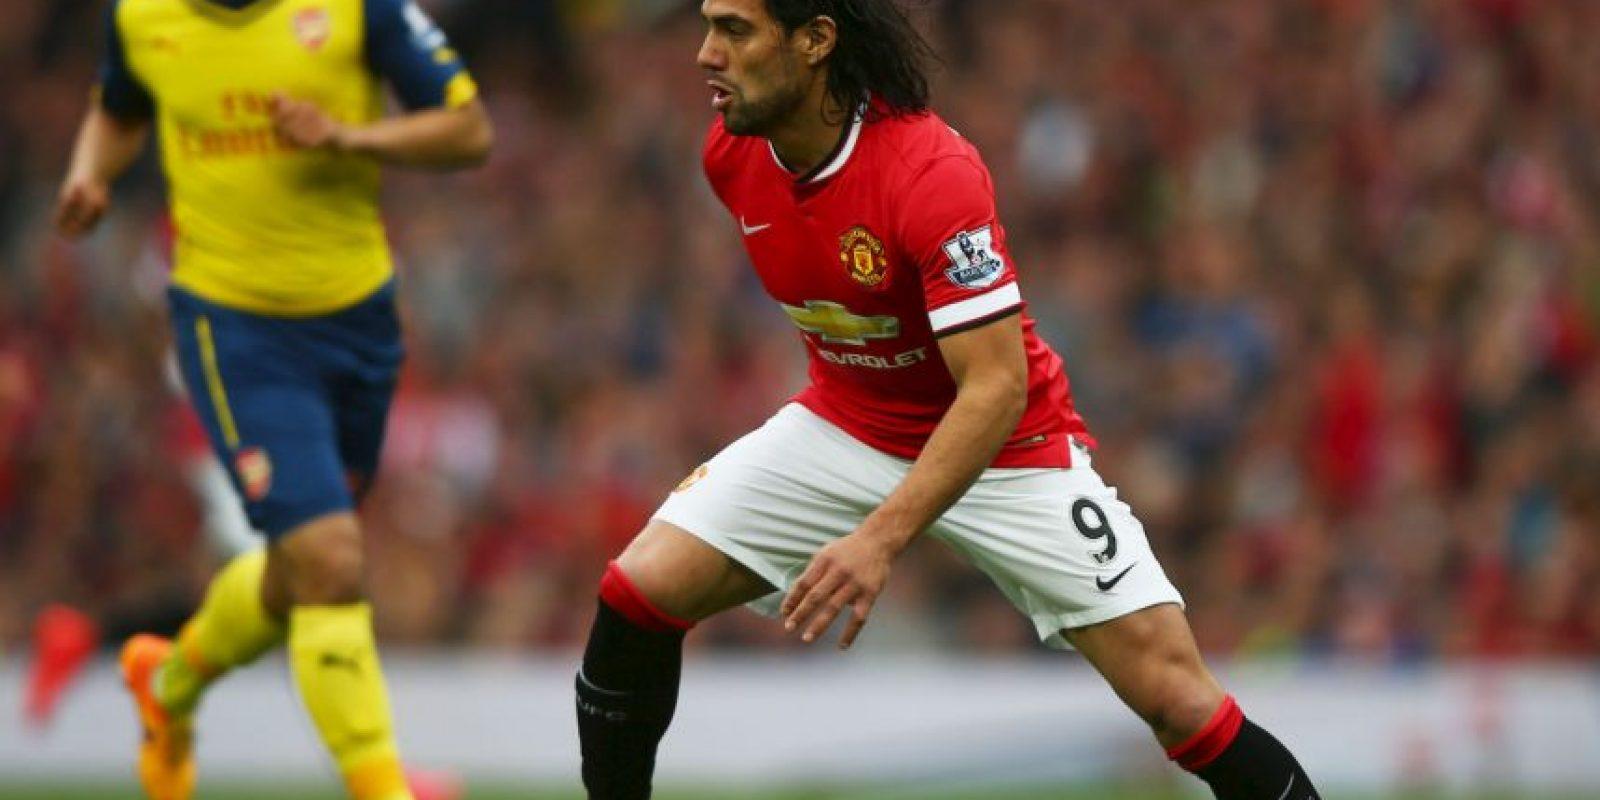 Luego de su irregular campaña con el Manchester United, Radamel Falcao militará con el Chelsea Foto:Getty Images